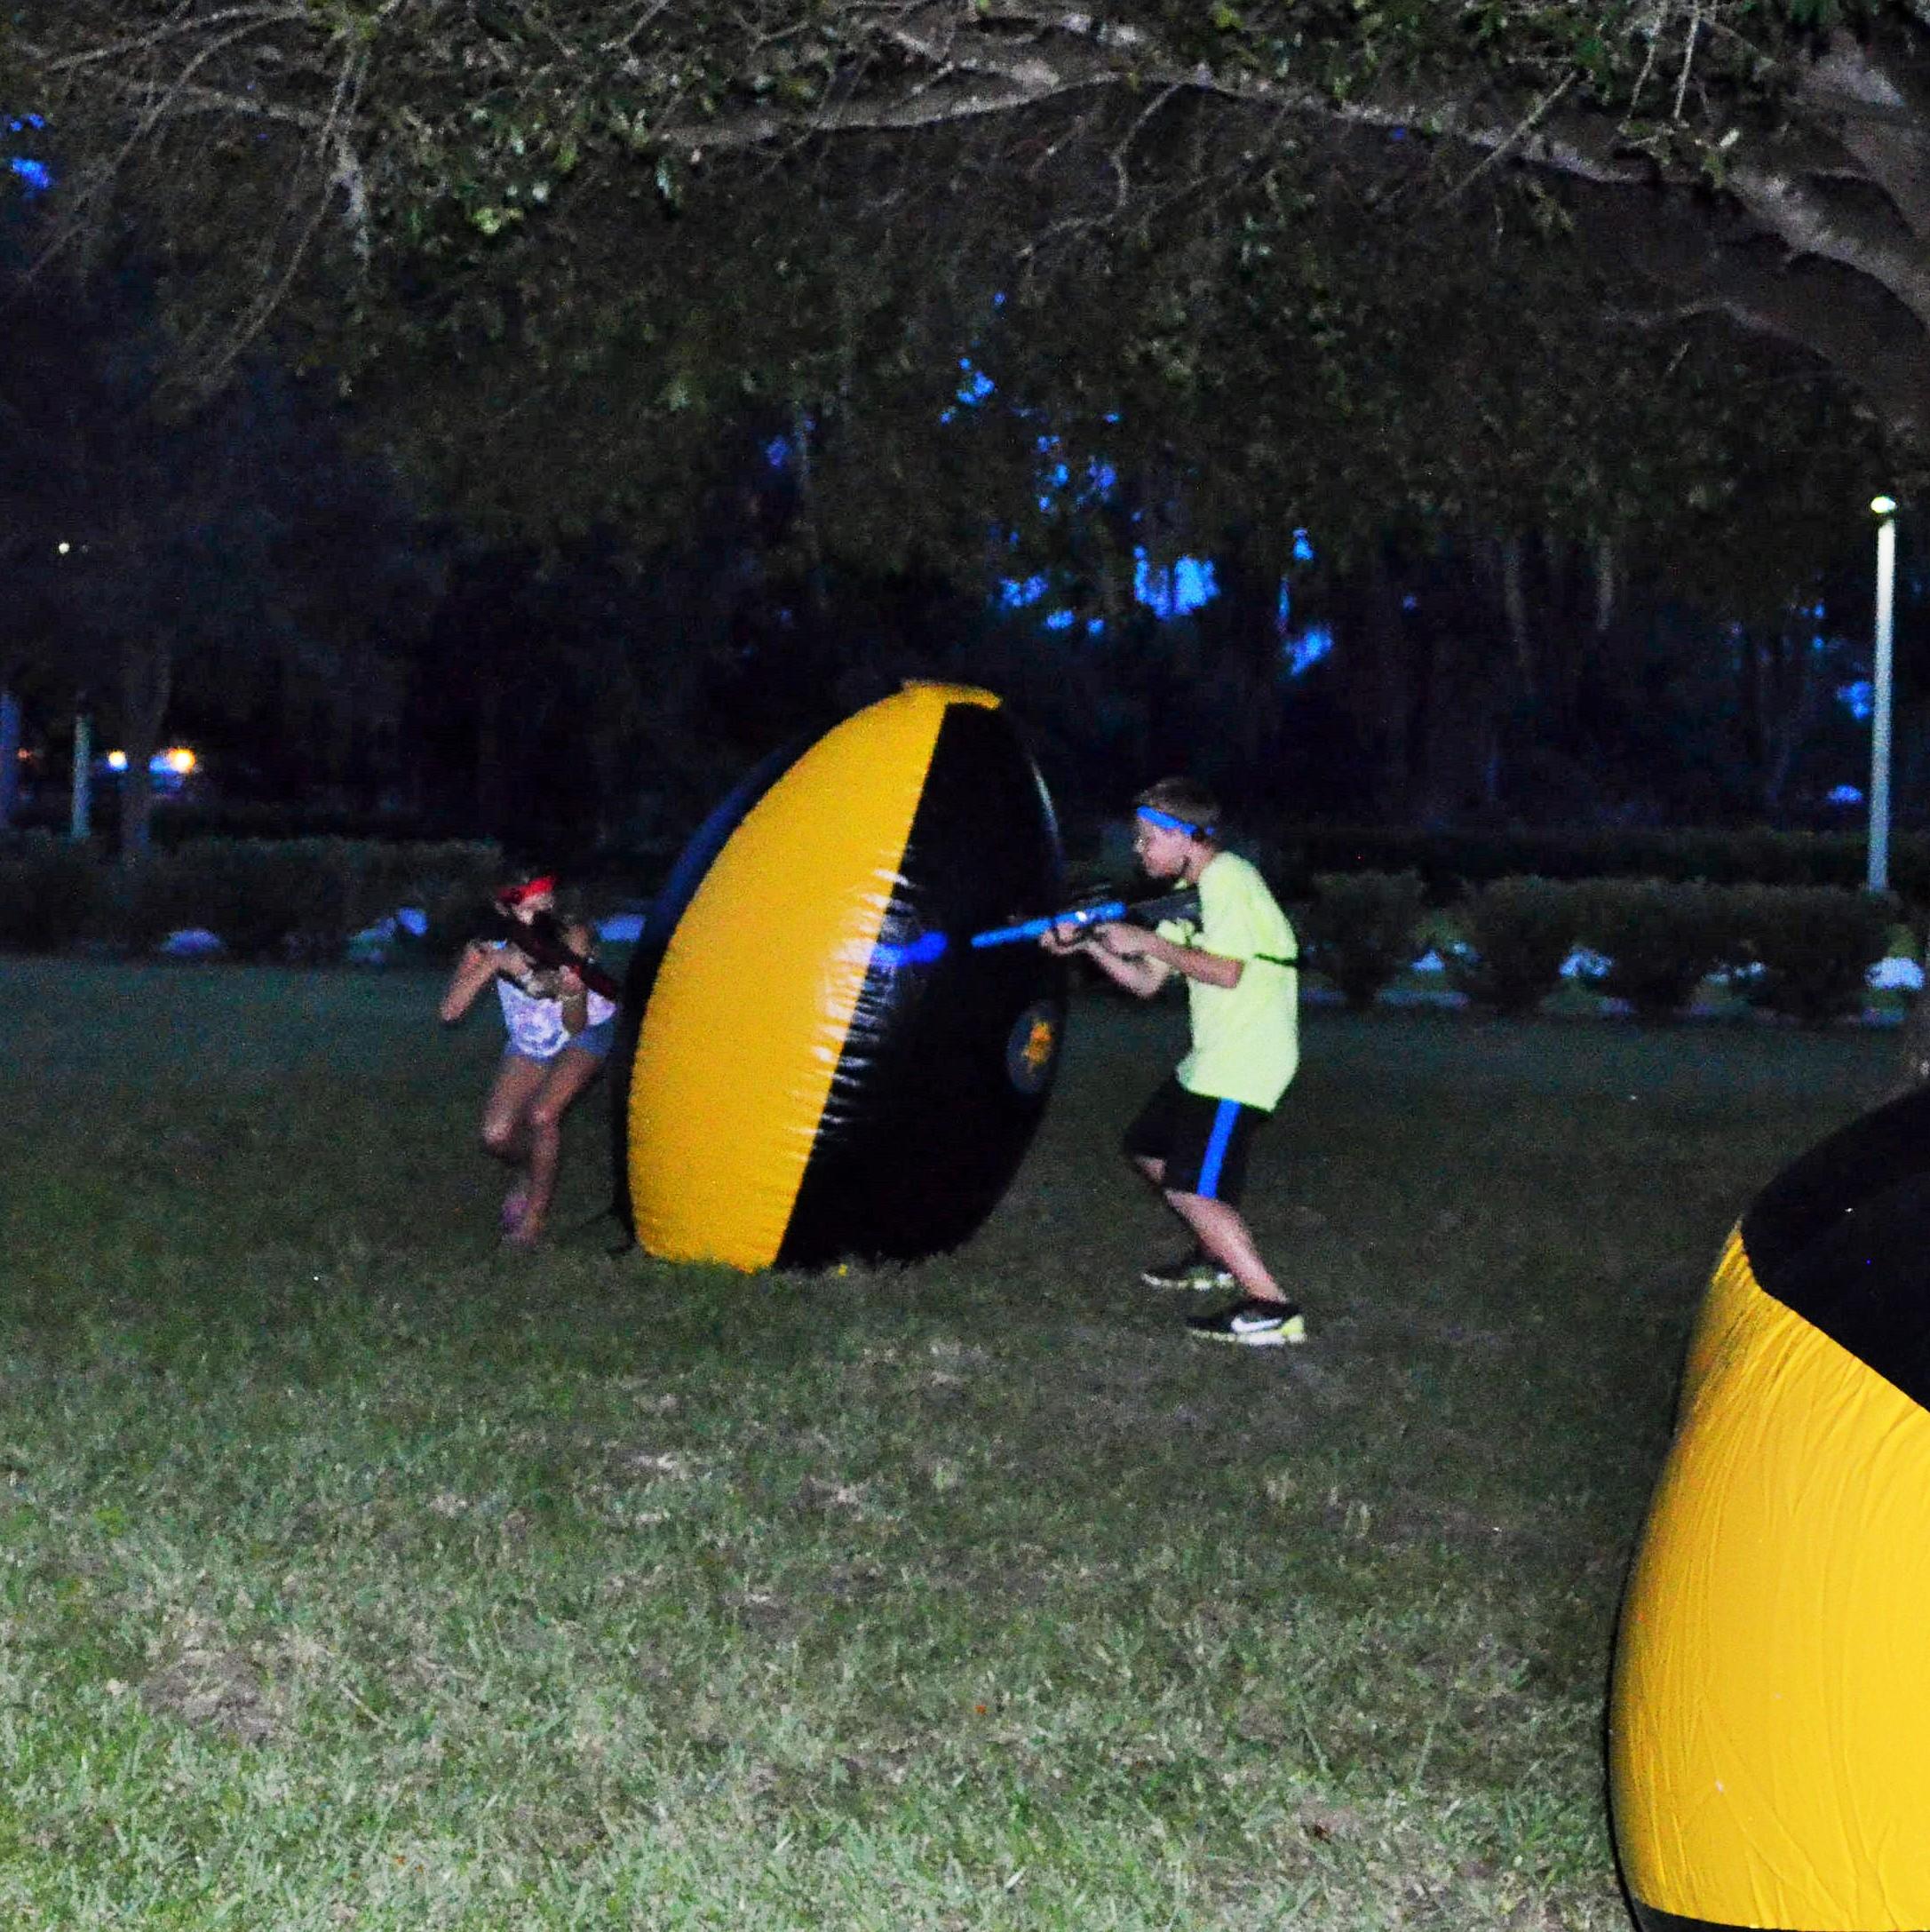 Laser Tag in Sarasota Florida